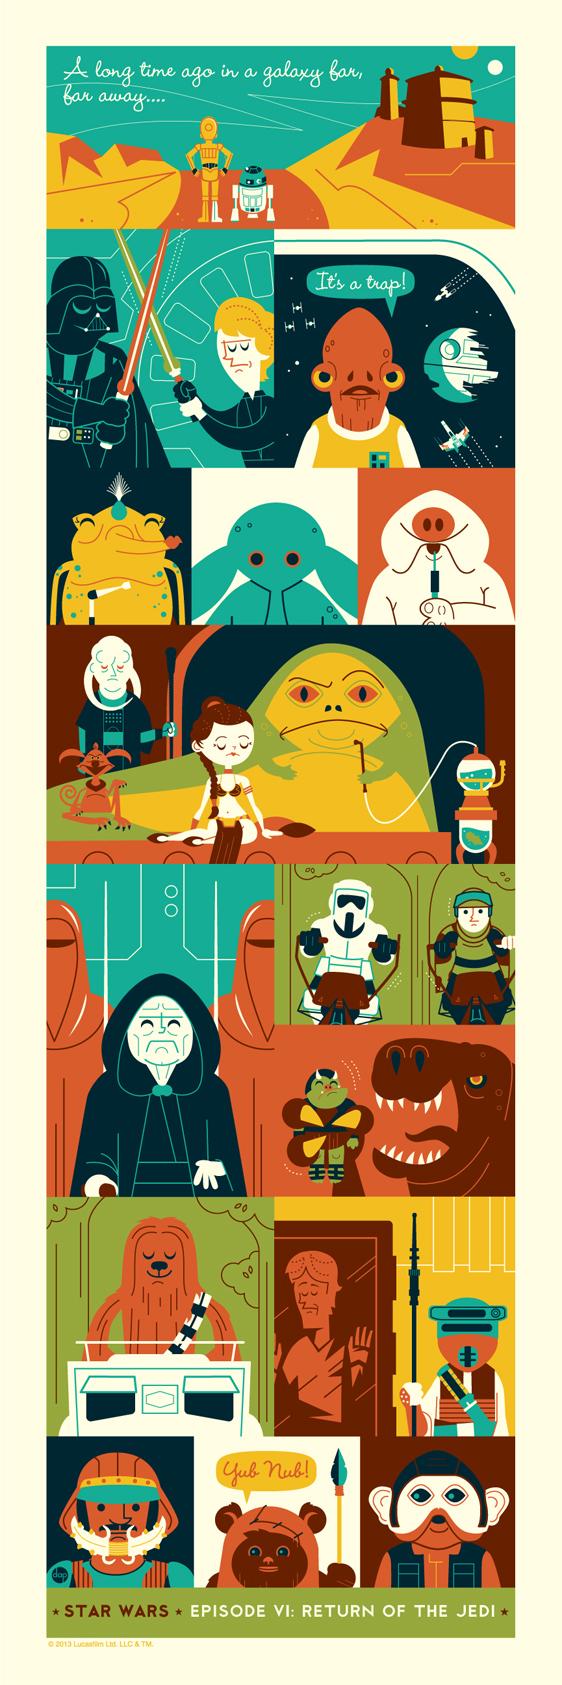 Return of the Jedi by Dave Perillo